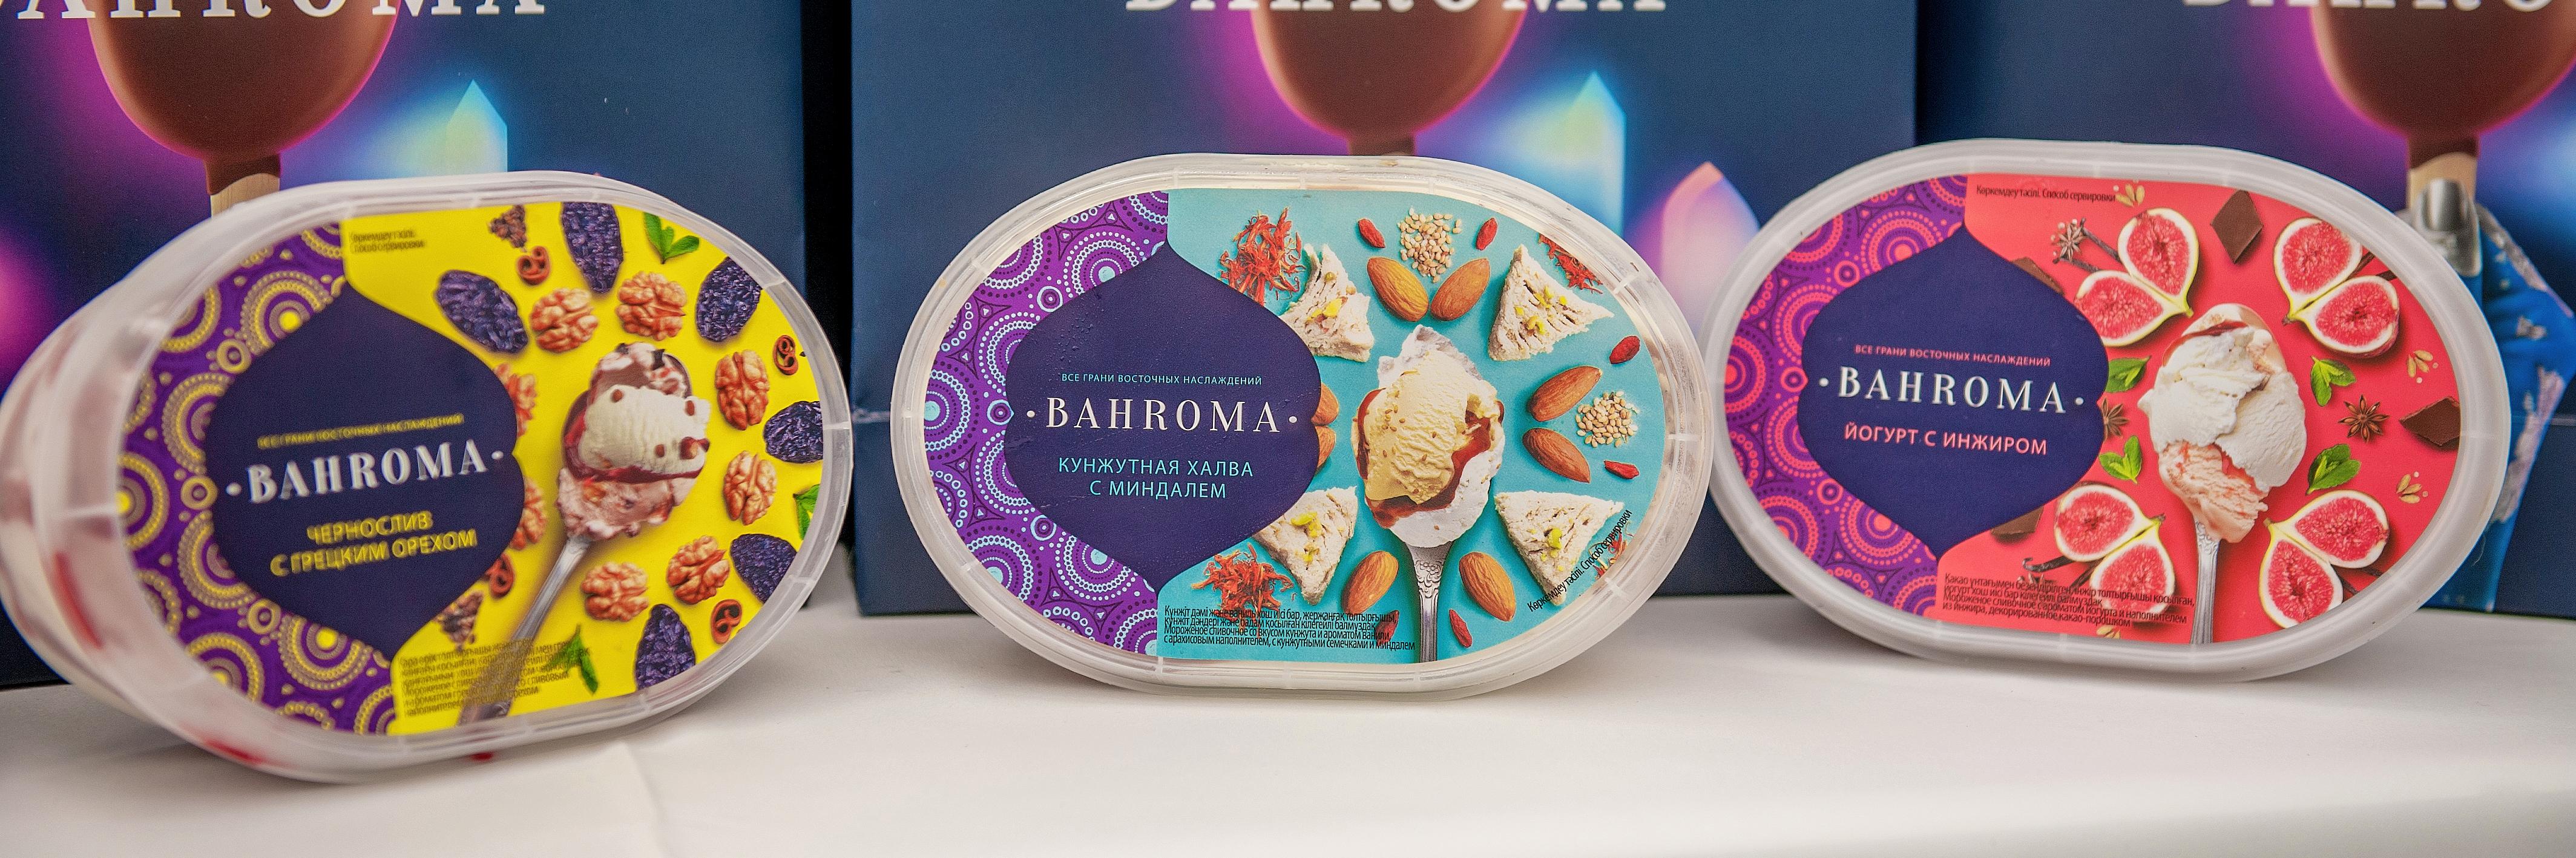 Forbes назвал ТОП-10 новых брендов России в 2018 году: единственный бренд из Казахстана Бахрома — серебро!